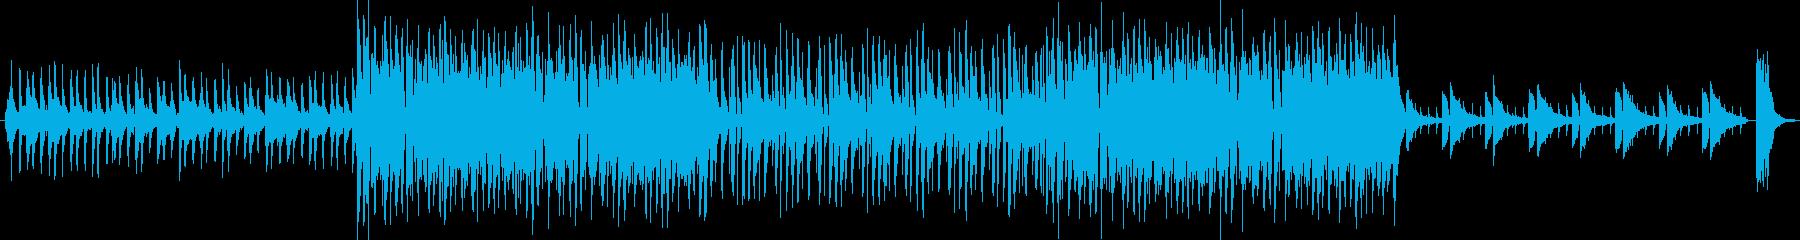 不穏な空気感の出るクラシックテクノBGMの再生済みの波形